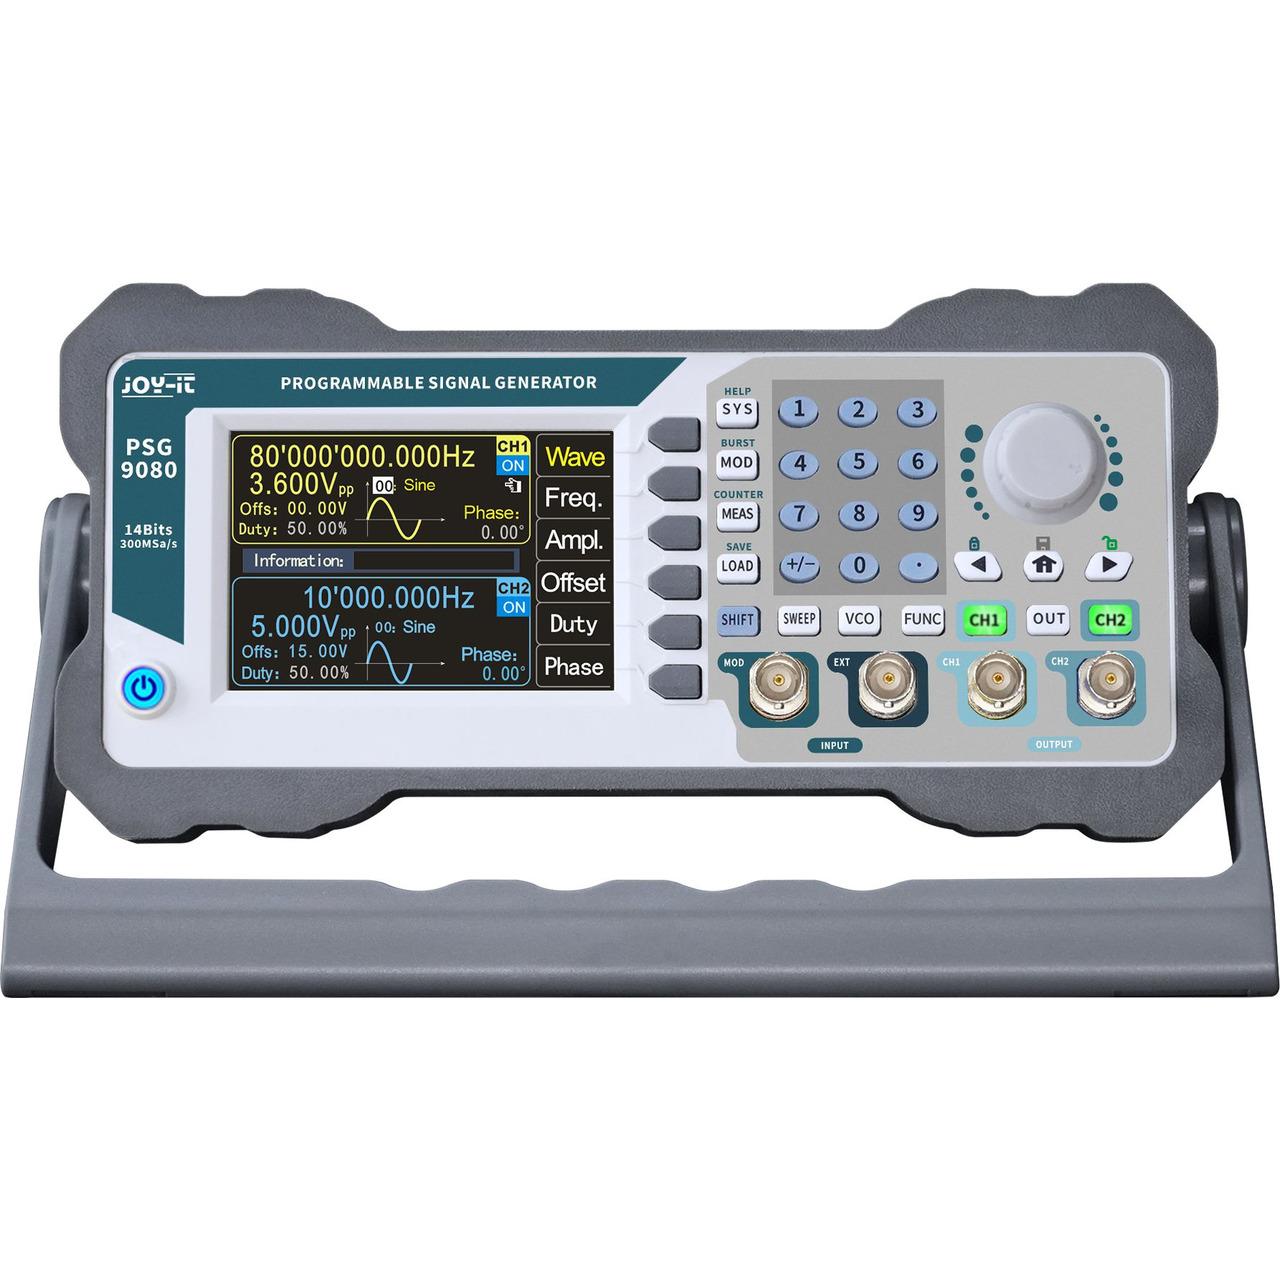 Joy-IT Programmierbarer Signalgenerator JT-PSG9080 mit Frequenzzähler- Frequenzbereich 1 nHz-80 MHz